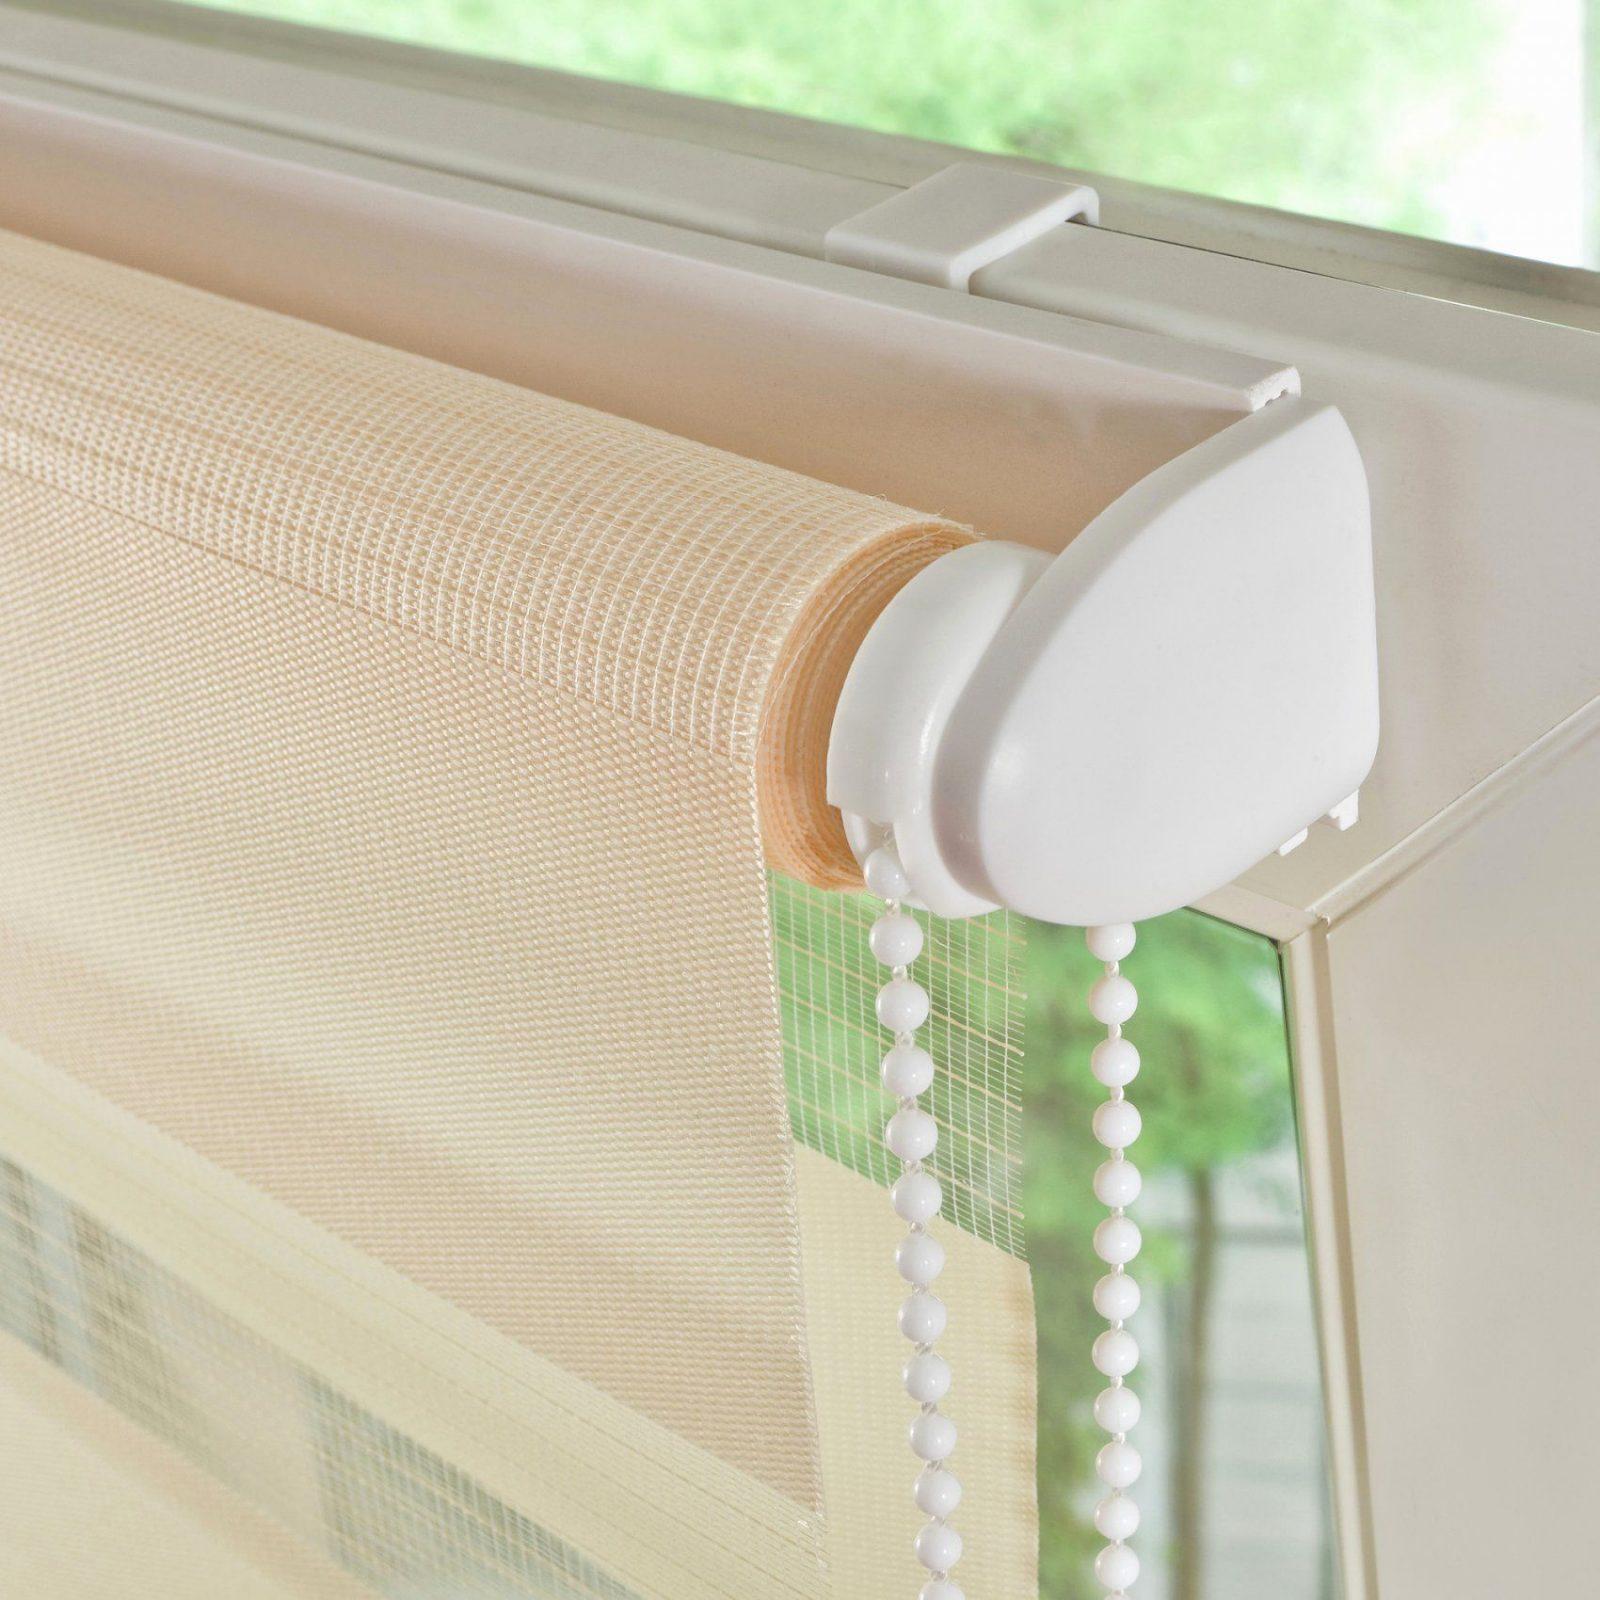 rollos 40 cm breit rollo cm breit und lang in emmerich am rhein with rollos 40 cm breit. Black Bedroom Furniture Sets. Home Design Ideas